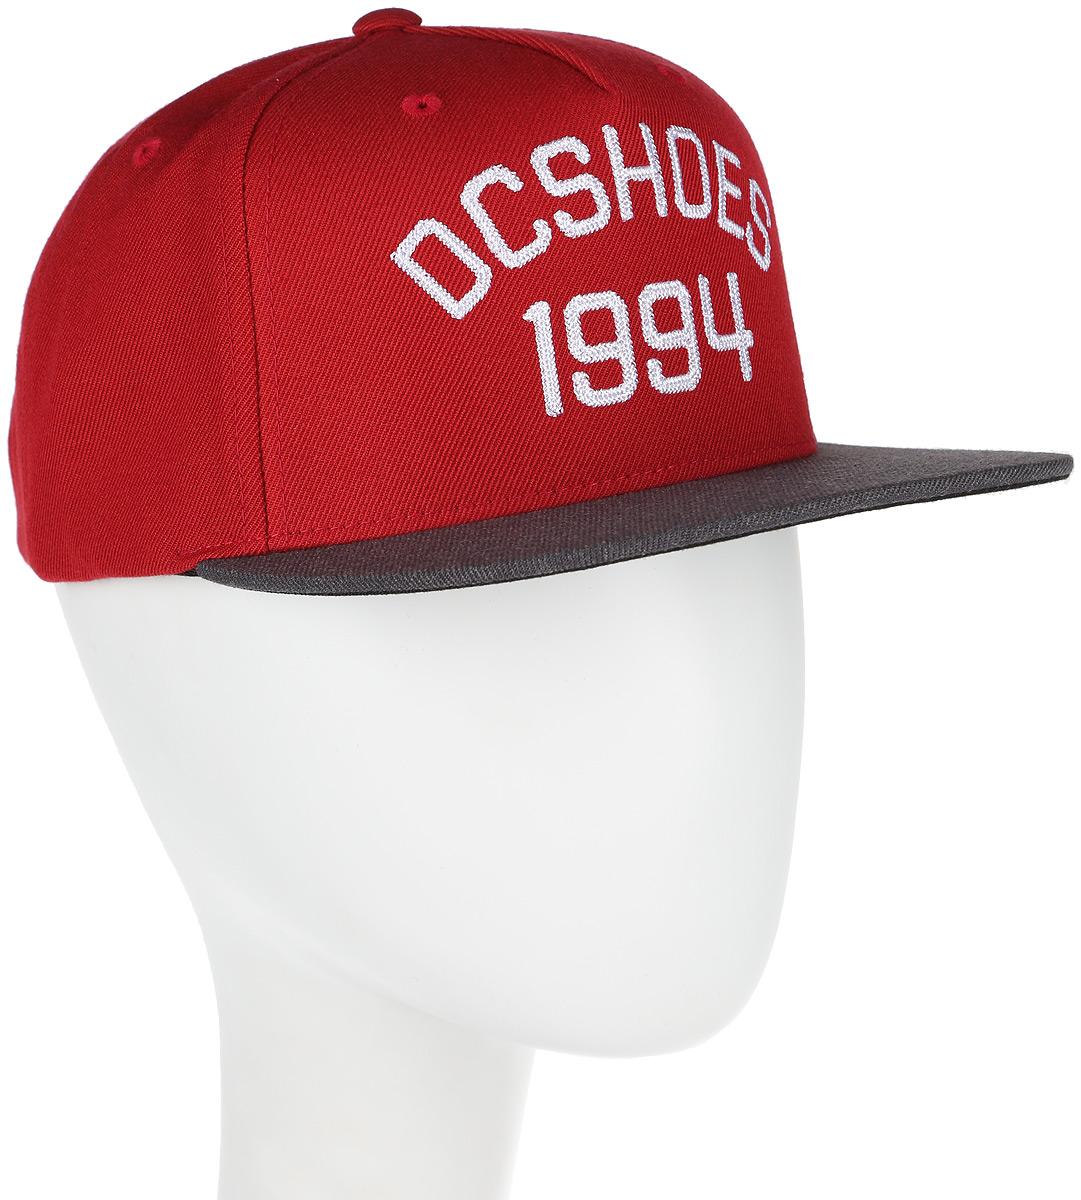 Бейсболка мужская DC Shoes Fellis, цвет: красный, серый. ADYHA03437-RRD0. Размер универсальный dc shoes футболка dc star ss m tees rrd0 мужская chili pepper m